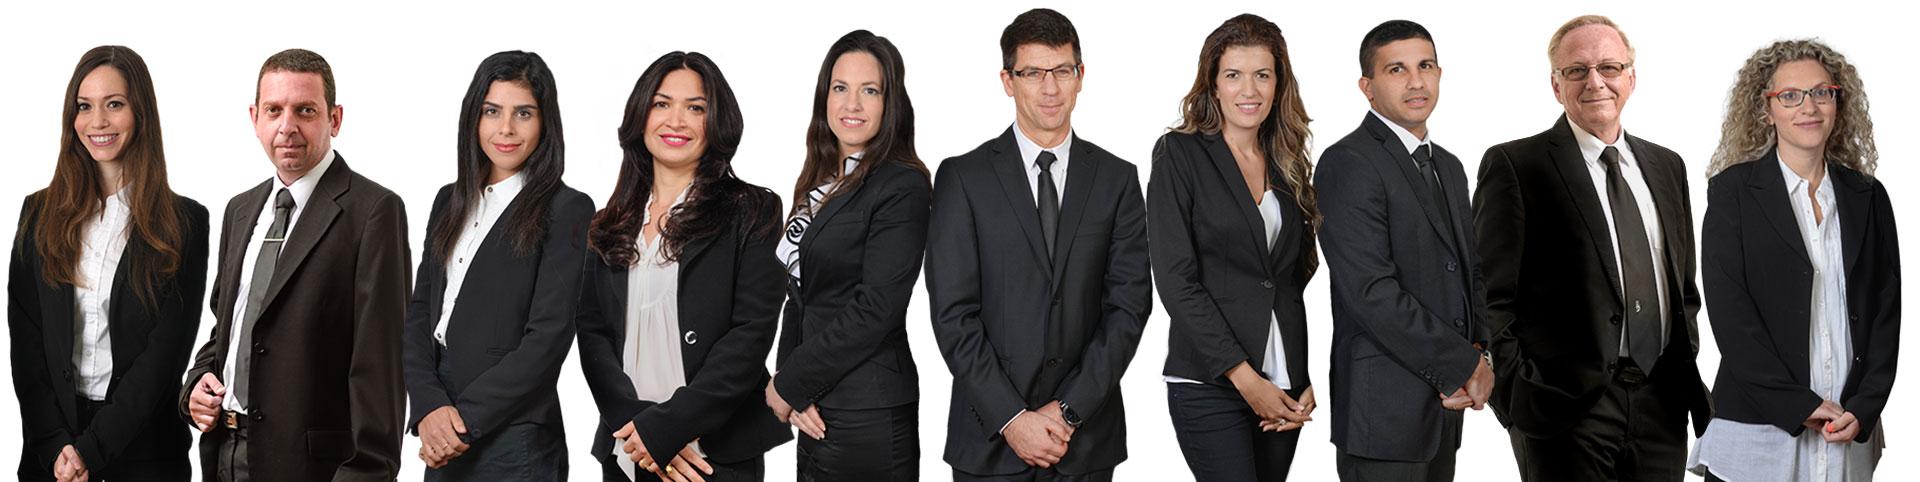 נבחרת עורכי הדין פייל ושות